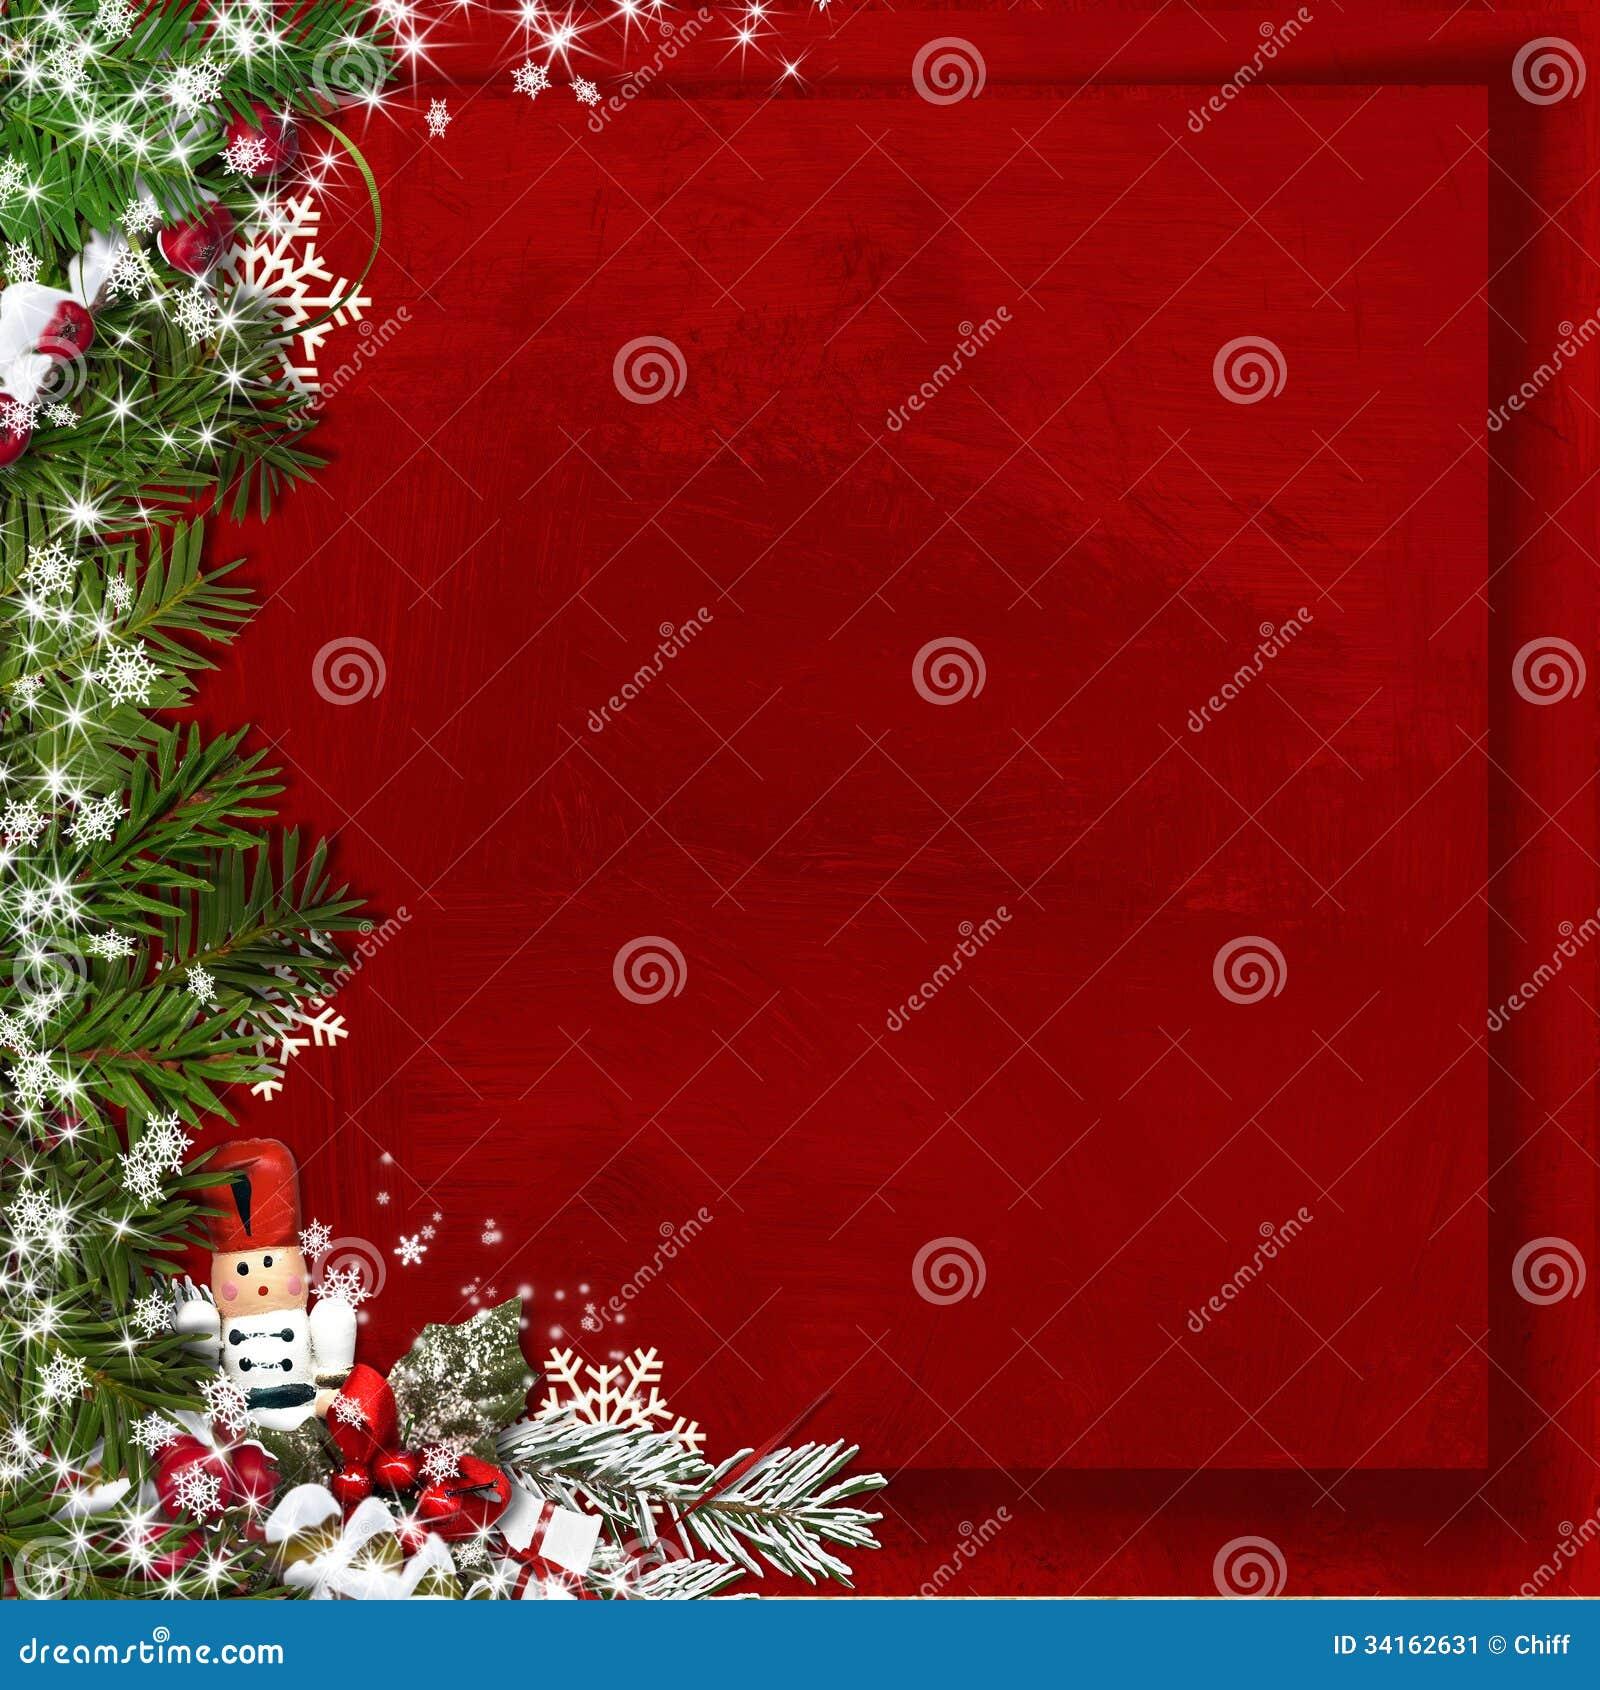 Weihnachtstannenbaum mit Nussknacker auf einem Weinleserothintergrund